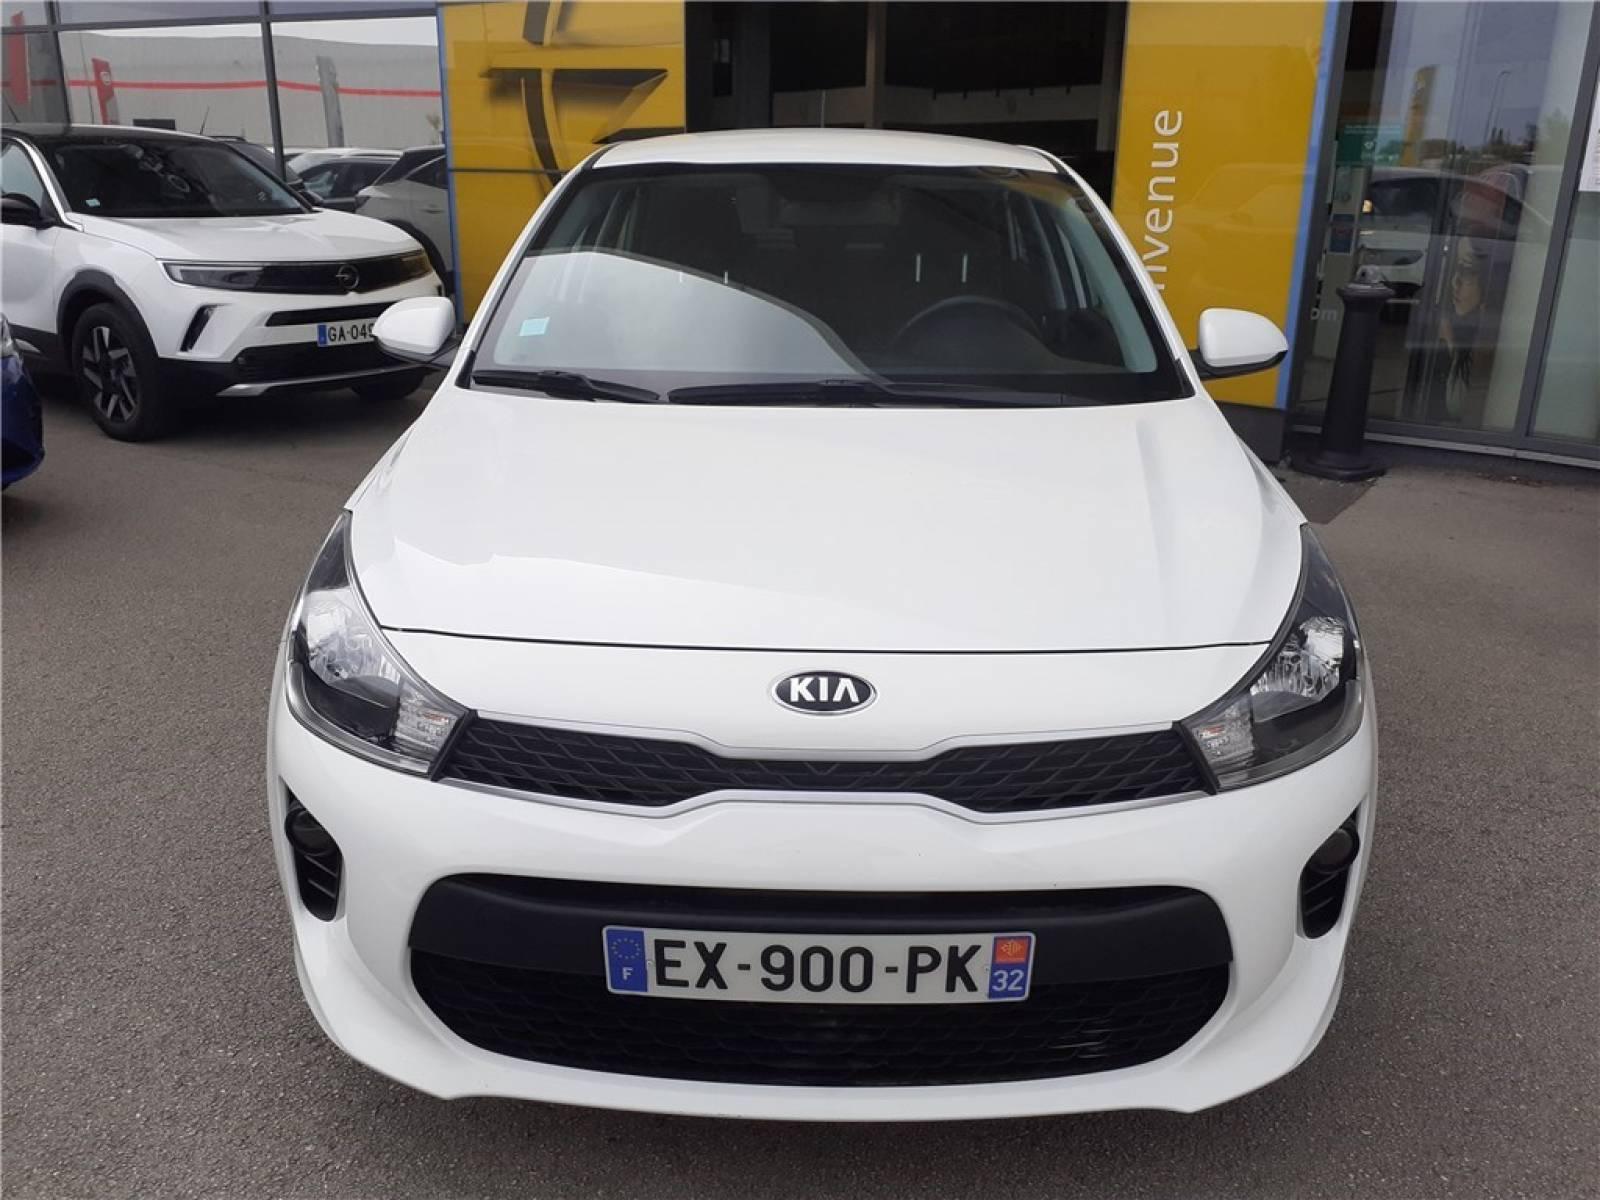 KIA Rio Business 1.2L 84 ch ISG - véhicule d'occasion - Groupe Guillet - Opel Magicauto - Montceau-les-Mines - 71300 - Montceau-les-Mines - 10